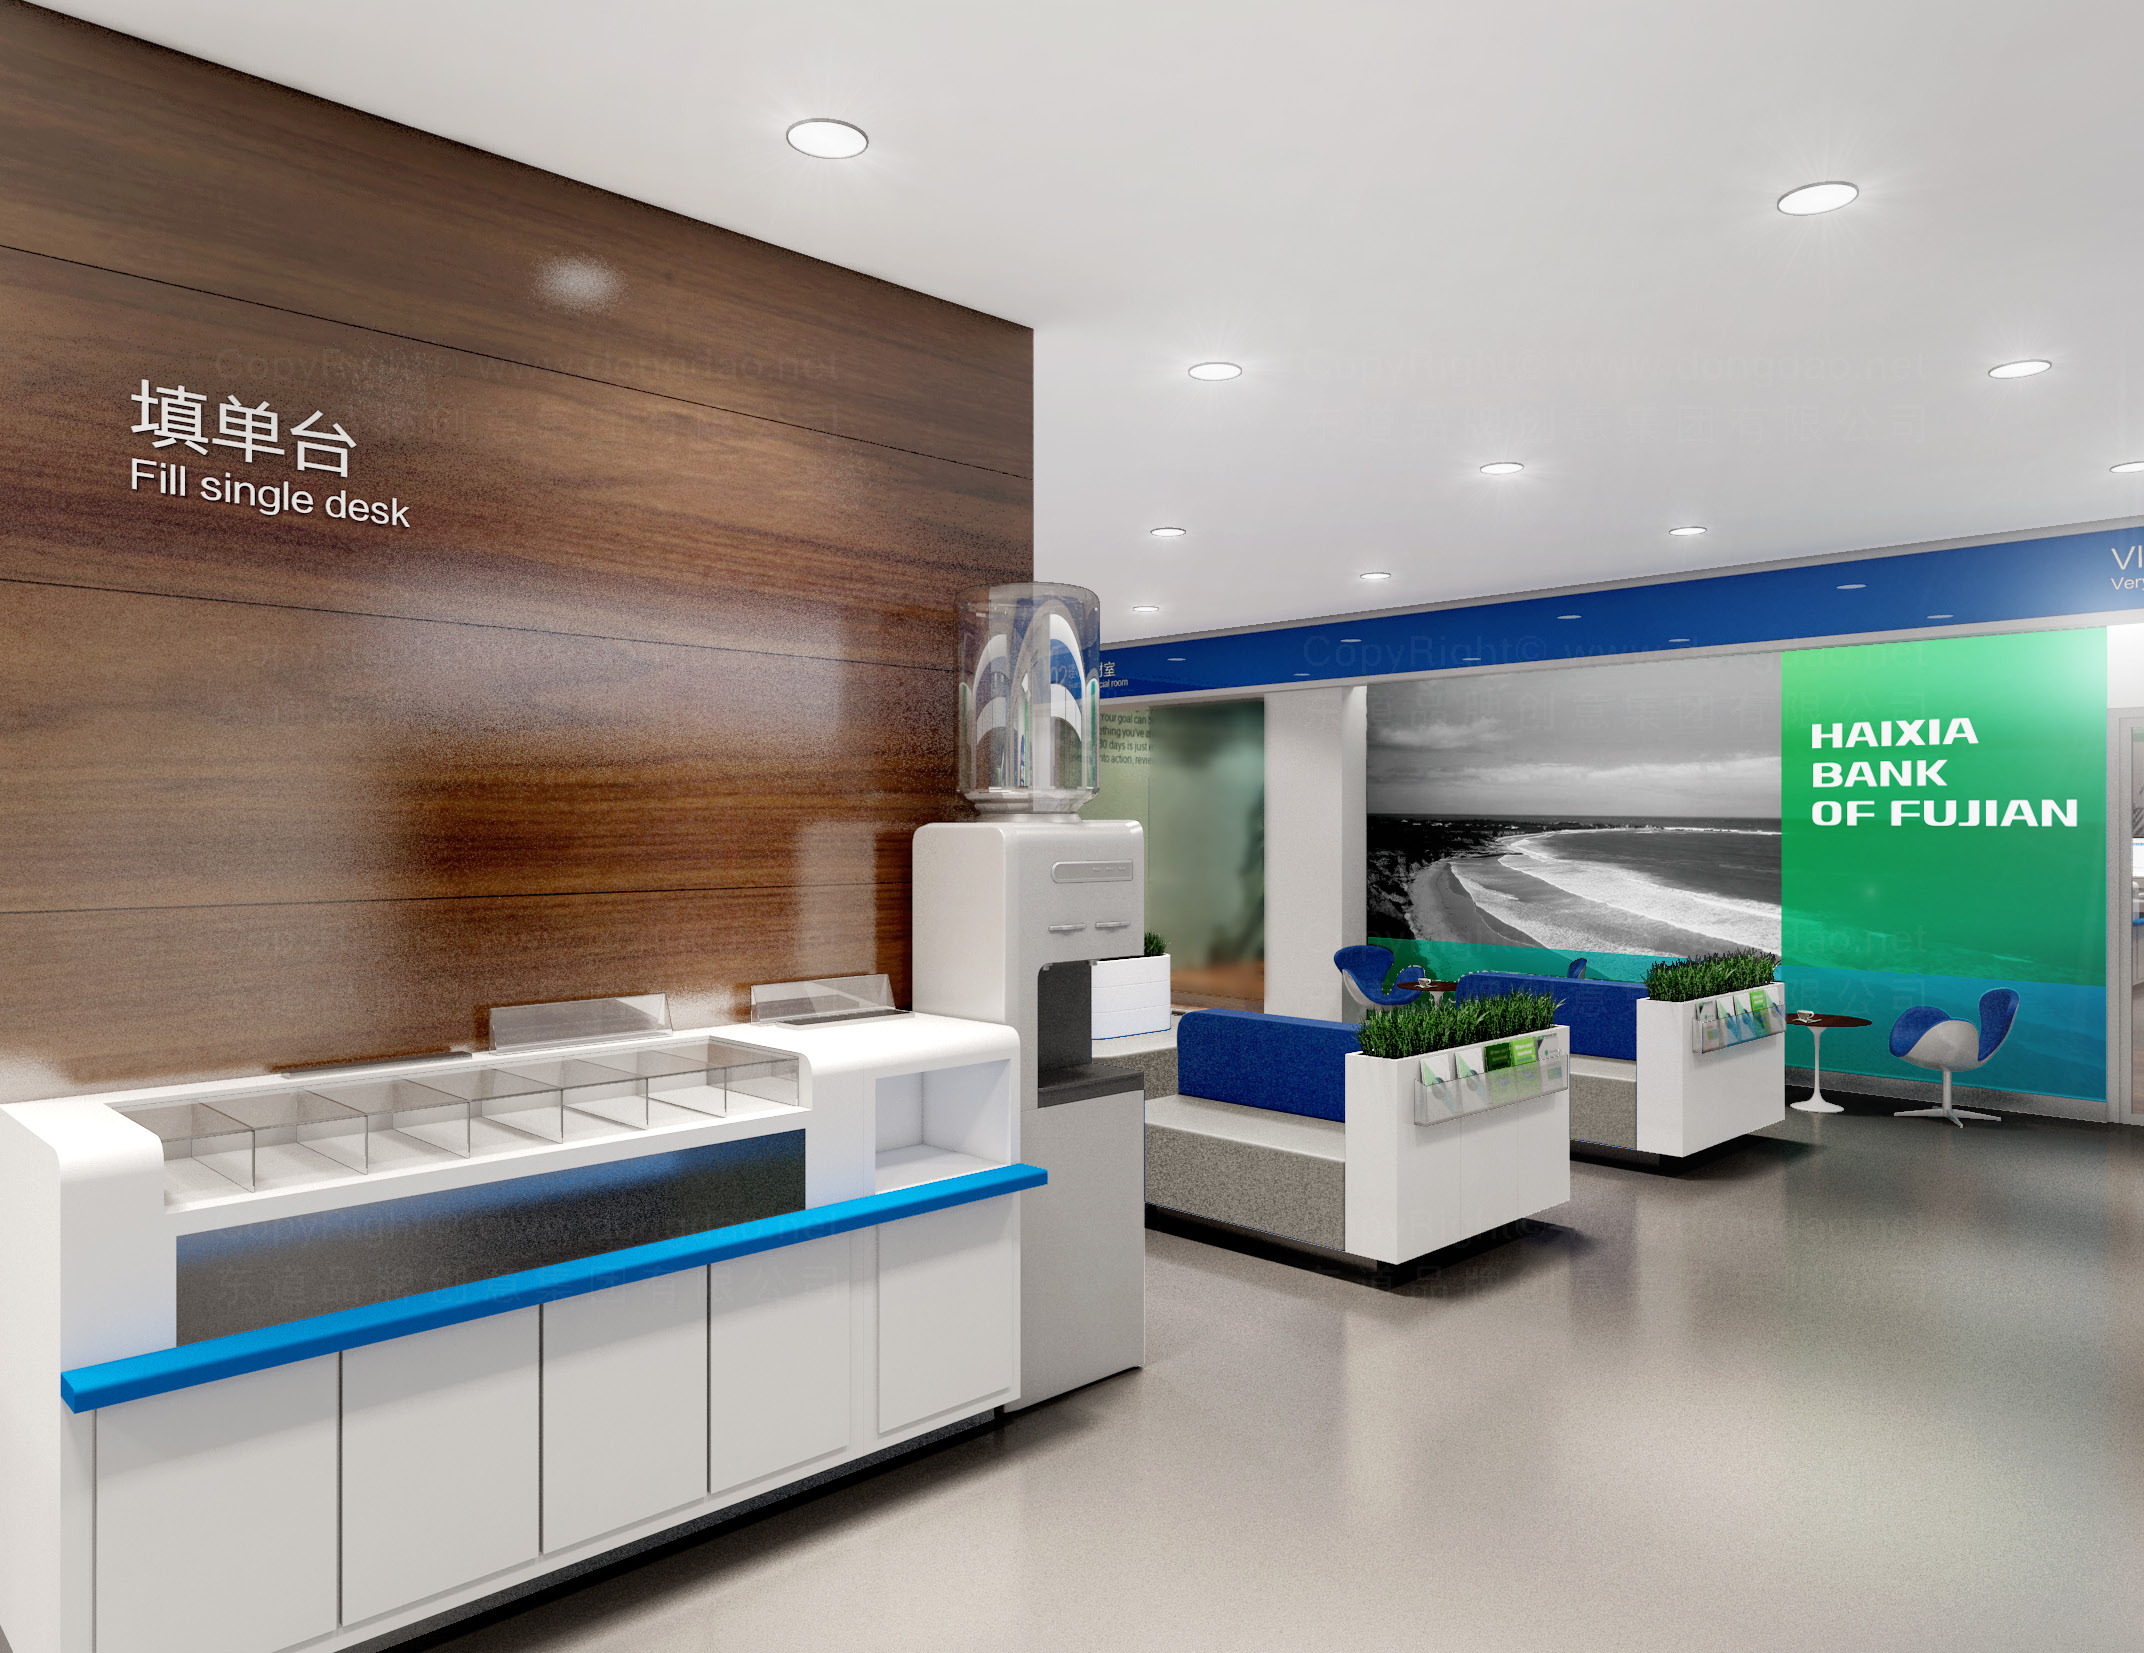 海峡银行银行网点SI设计应用场景_3